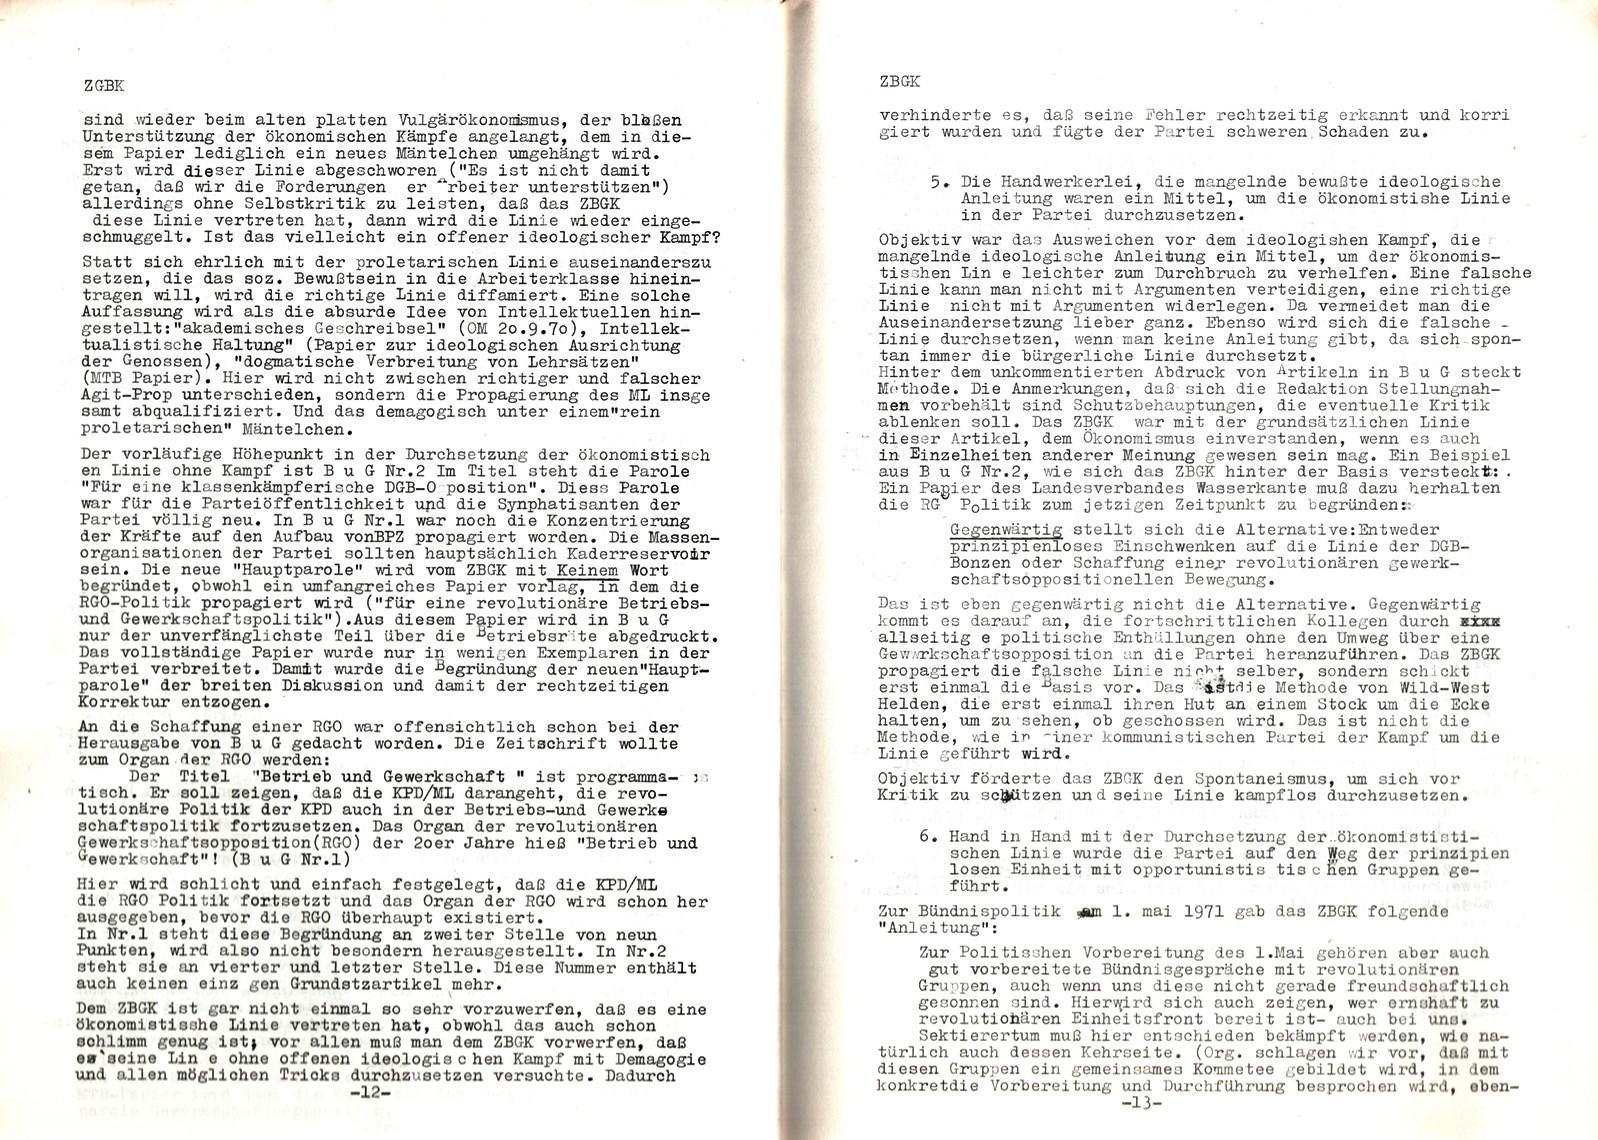 KPDML_1971_Analysen_und_Antraege_des_LV_Sued_West_028